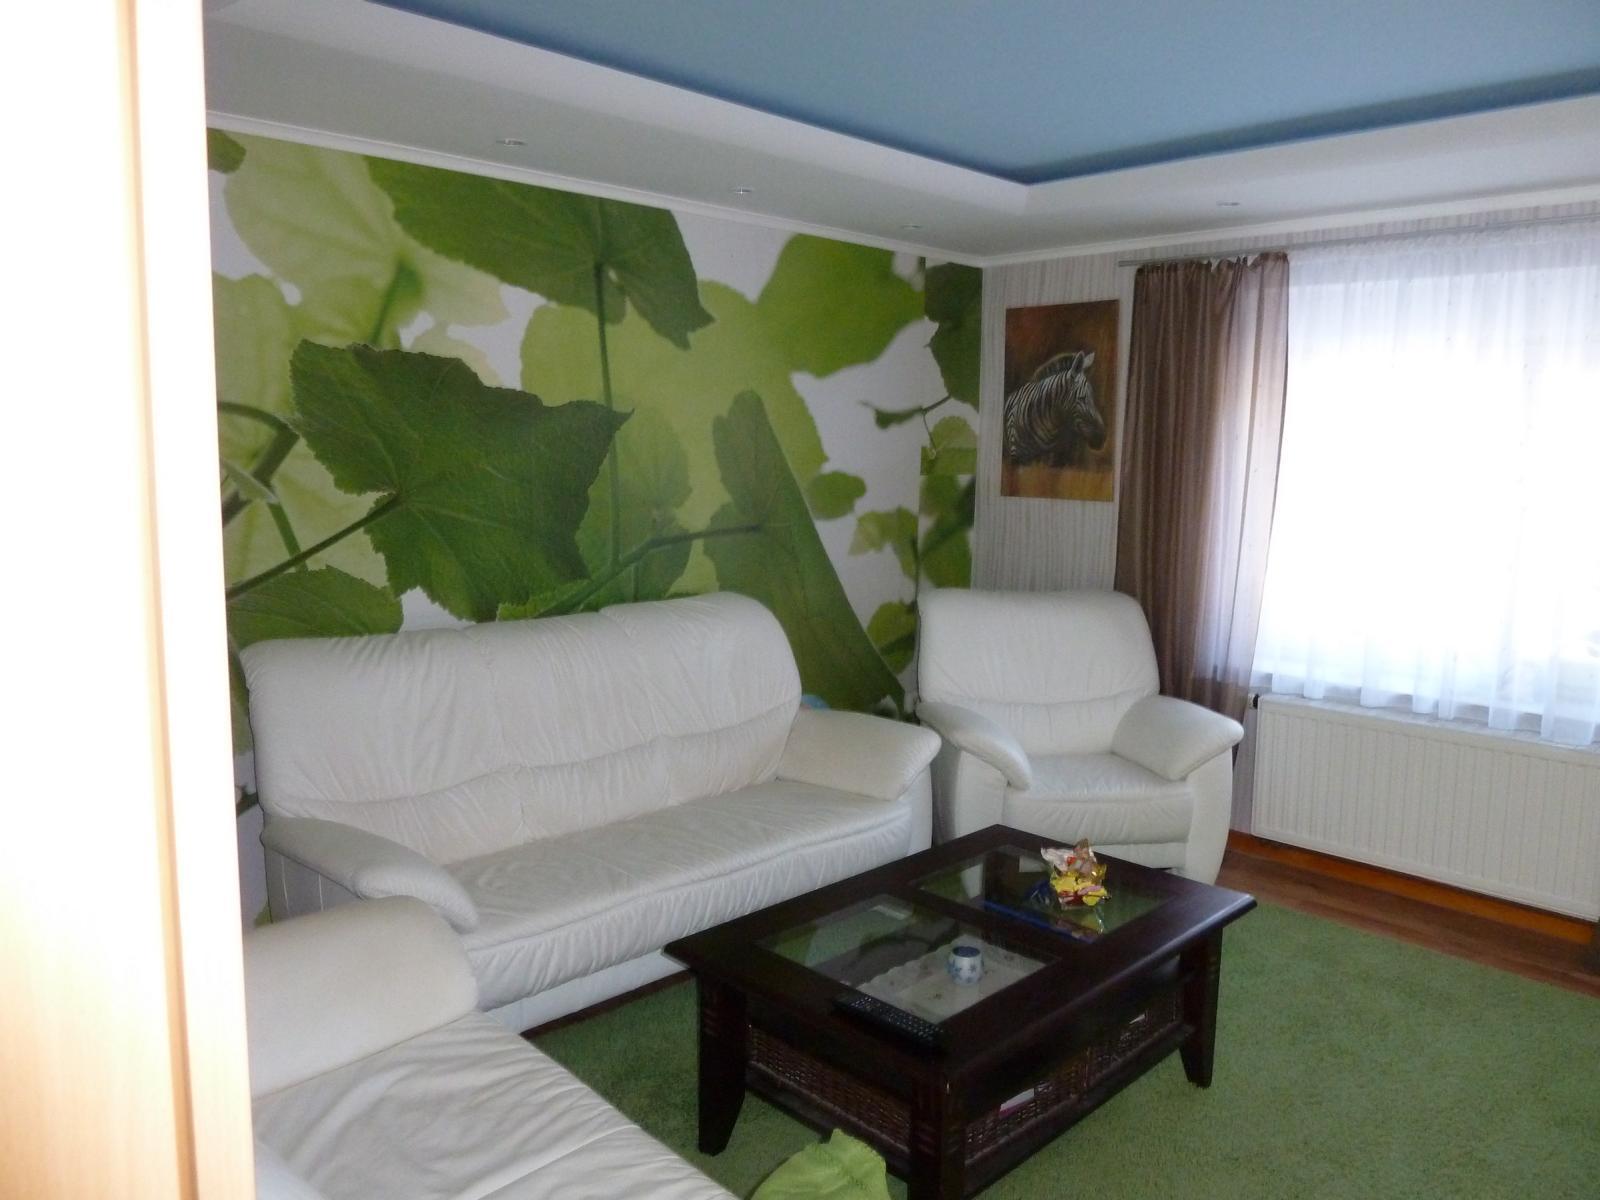 Fototapete Wohnzimmer